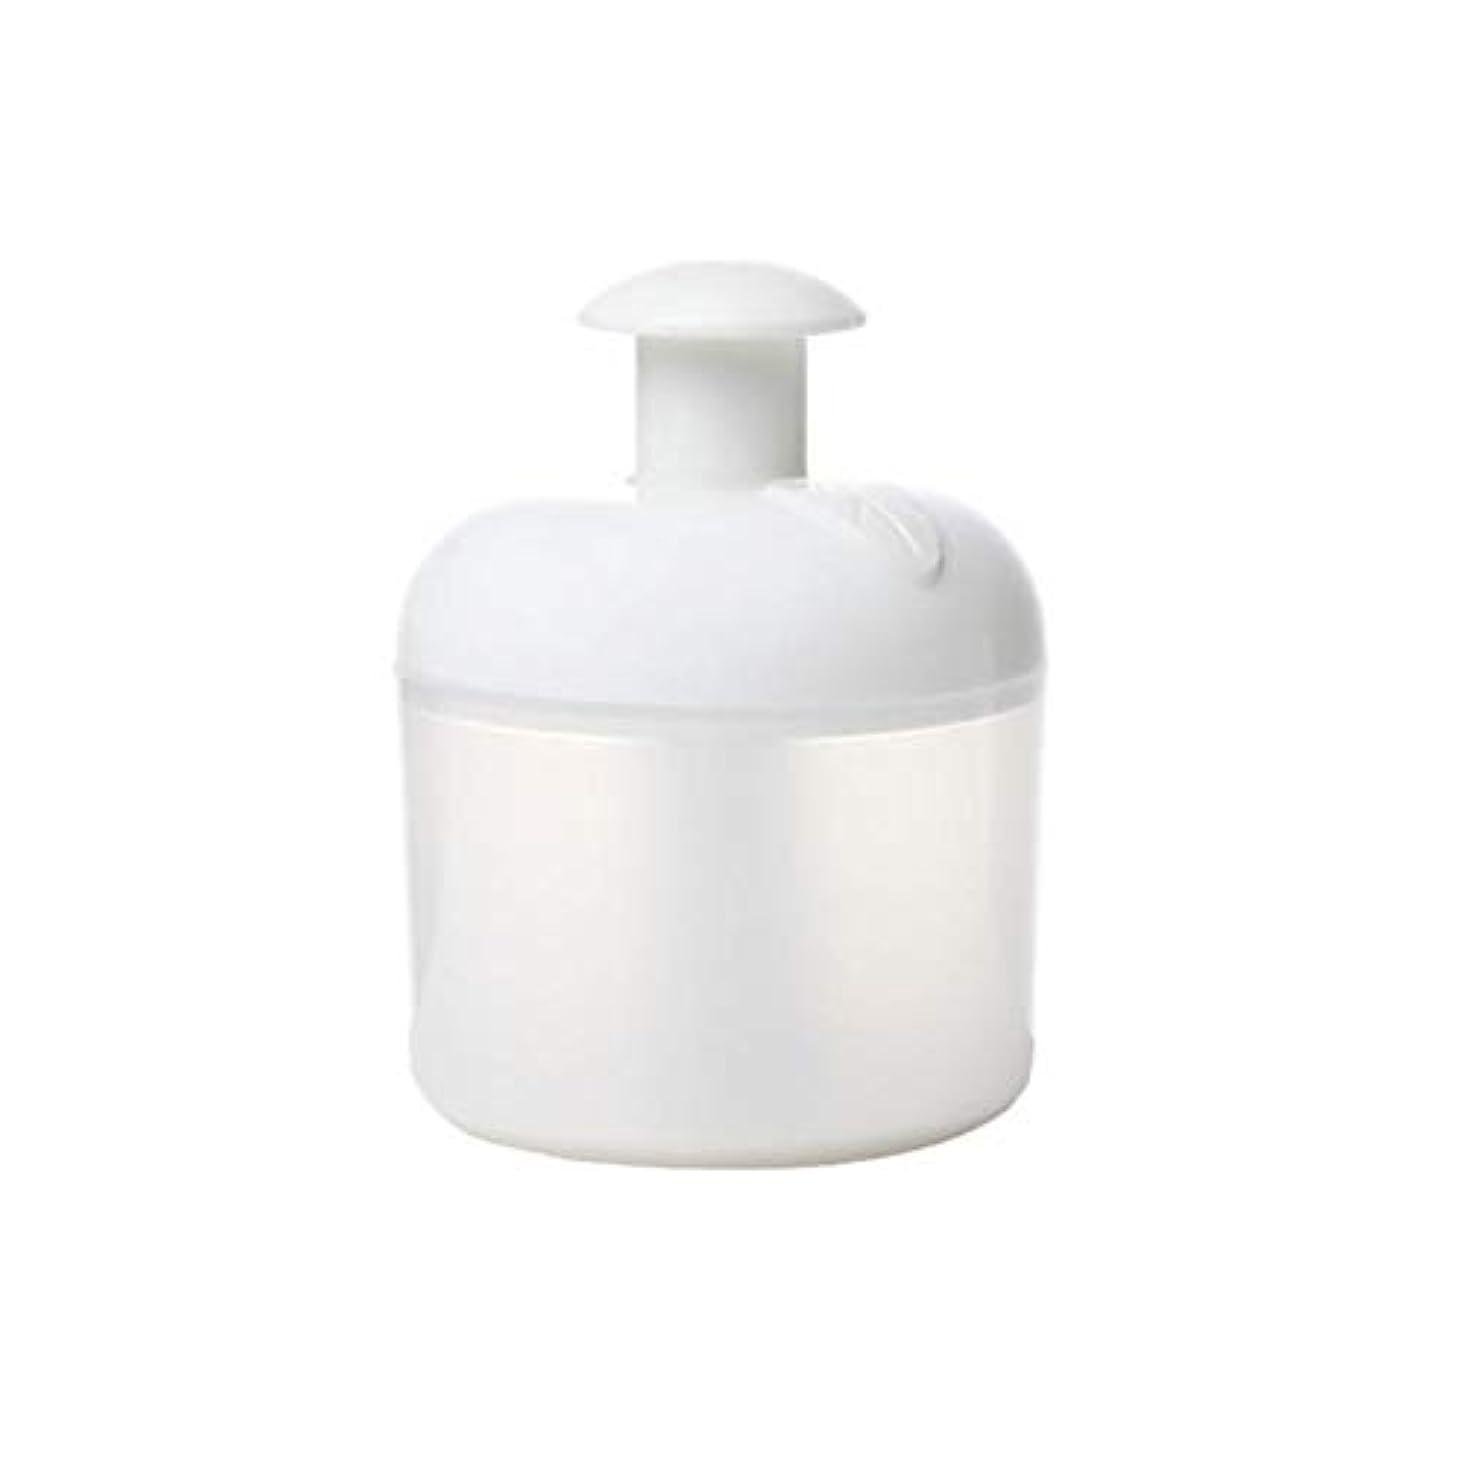 幻想的しないでください背骨マイクロバブルフォーマー - Dewin 洗顔泡立て器 洗顔ネット マイクロホイッパー クリーンツール 7倍の濃厚なバブル 美容グッズ